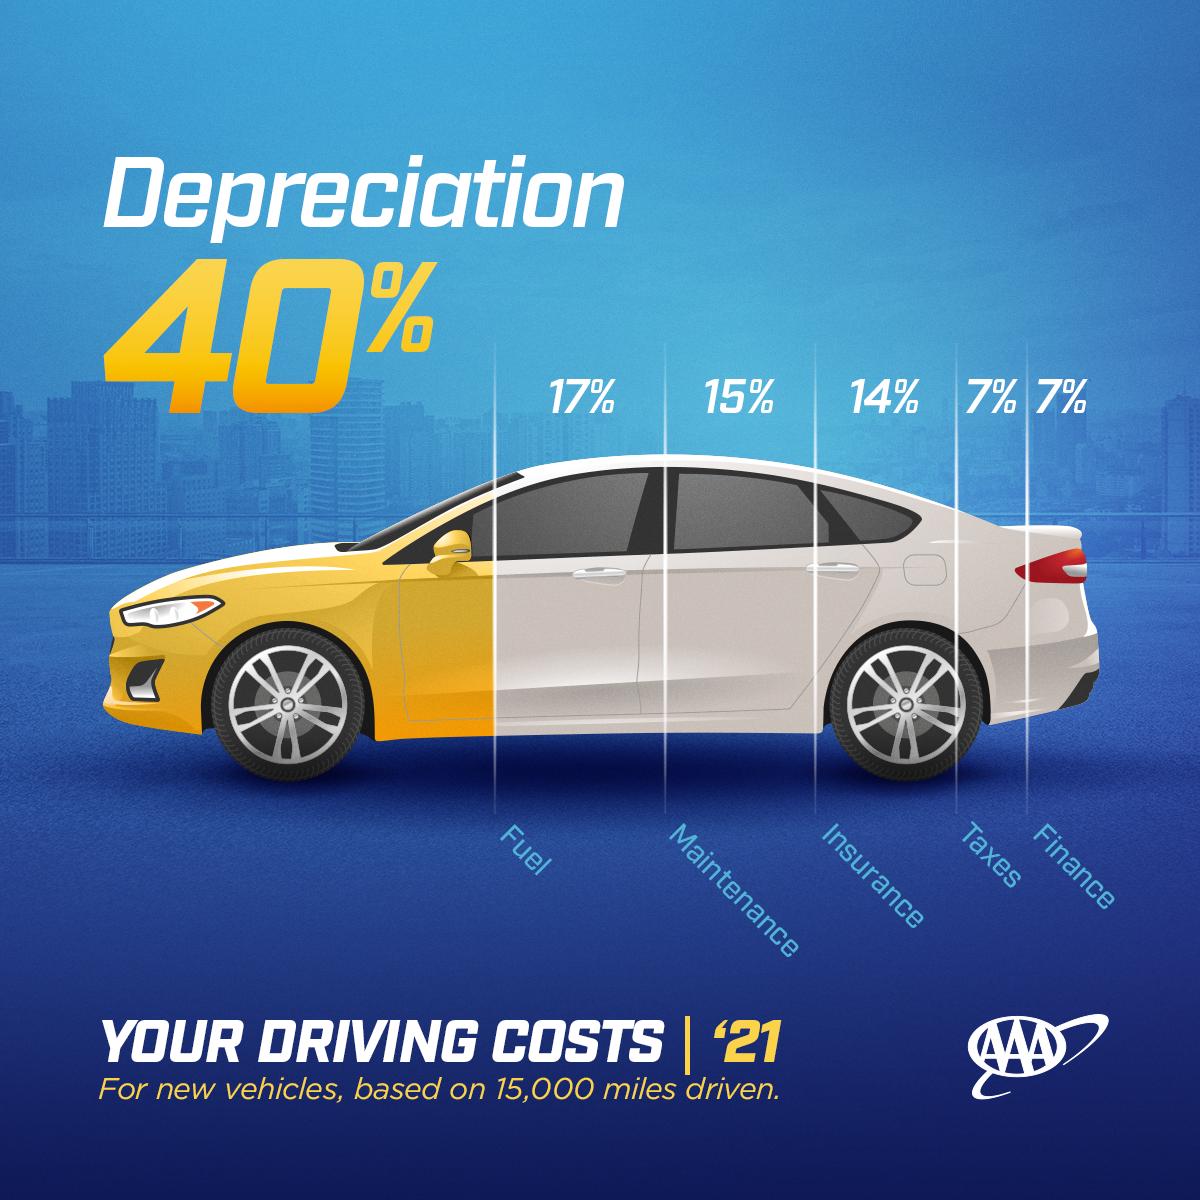 YDC_Social_Depreciation_1200x1200.png